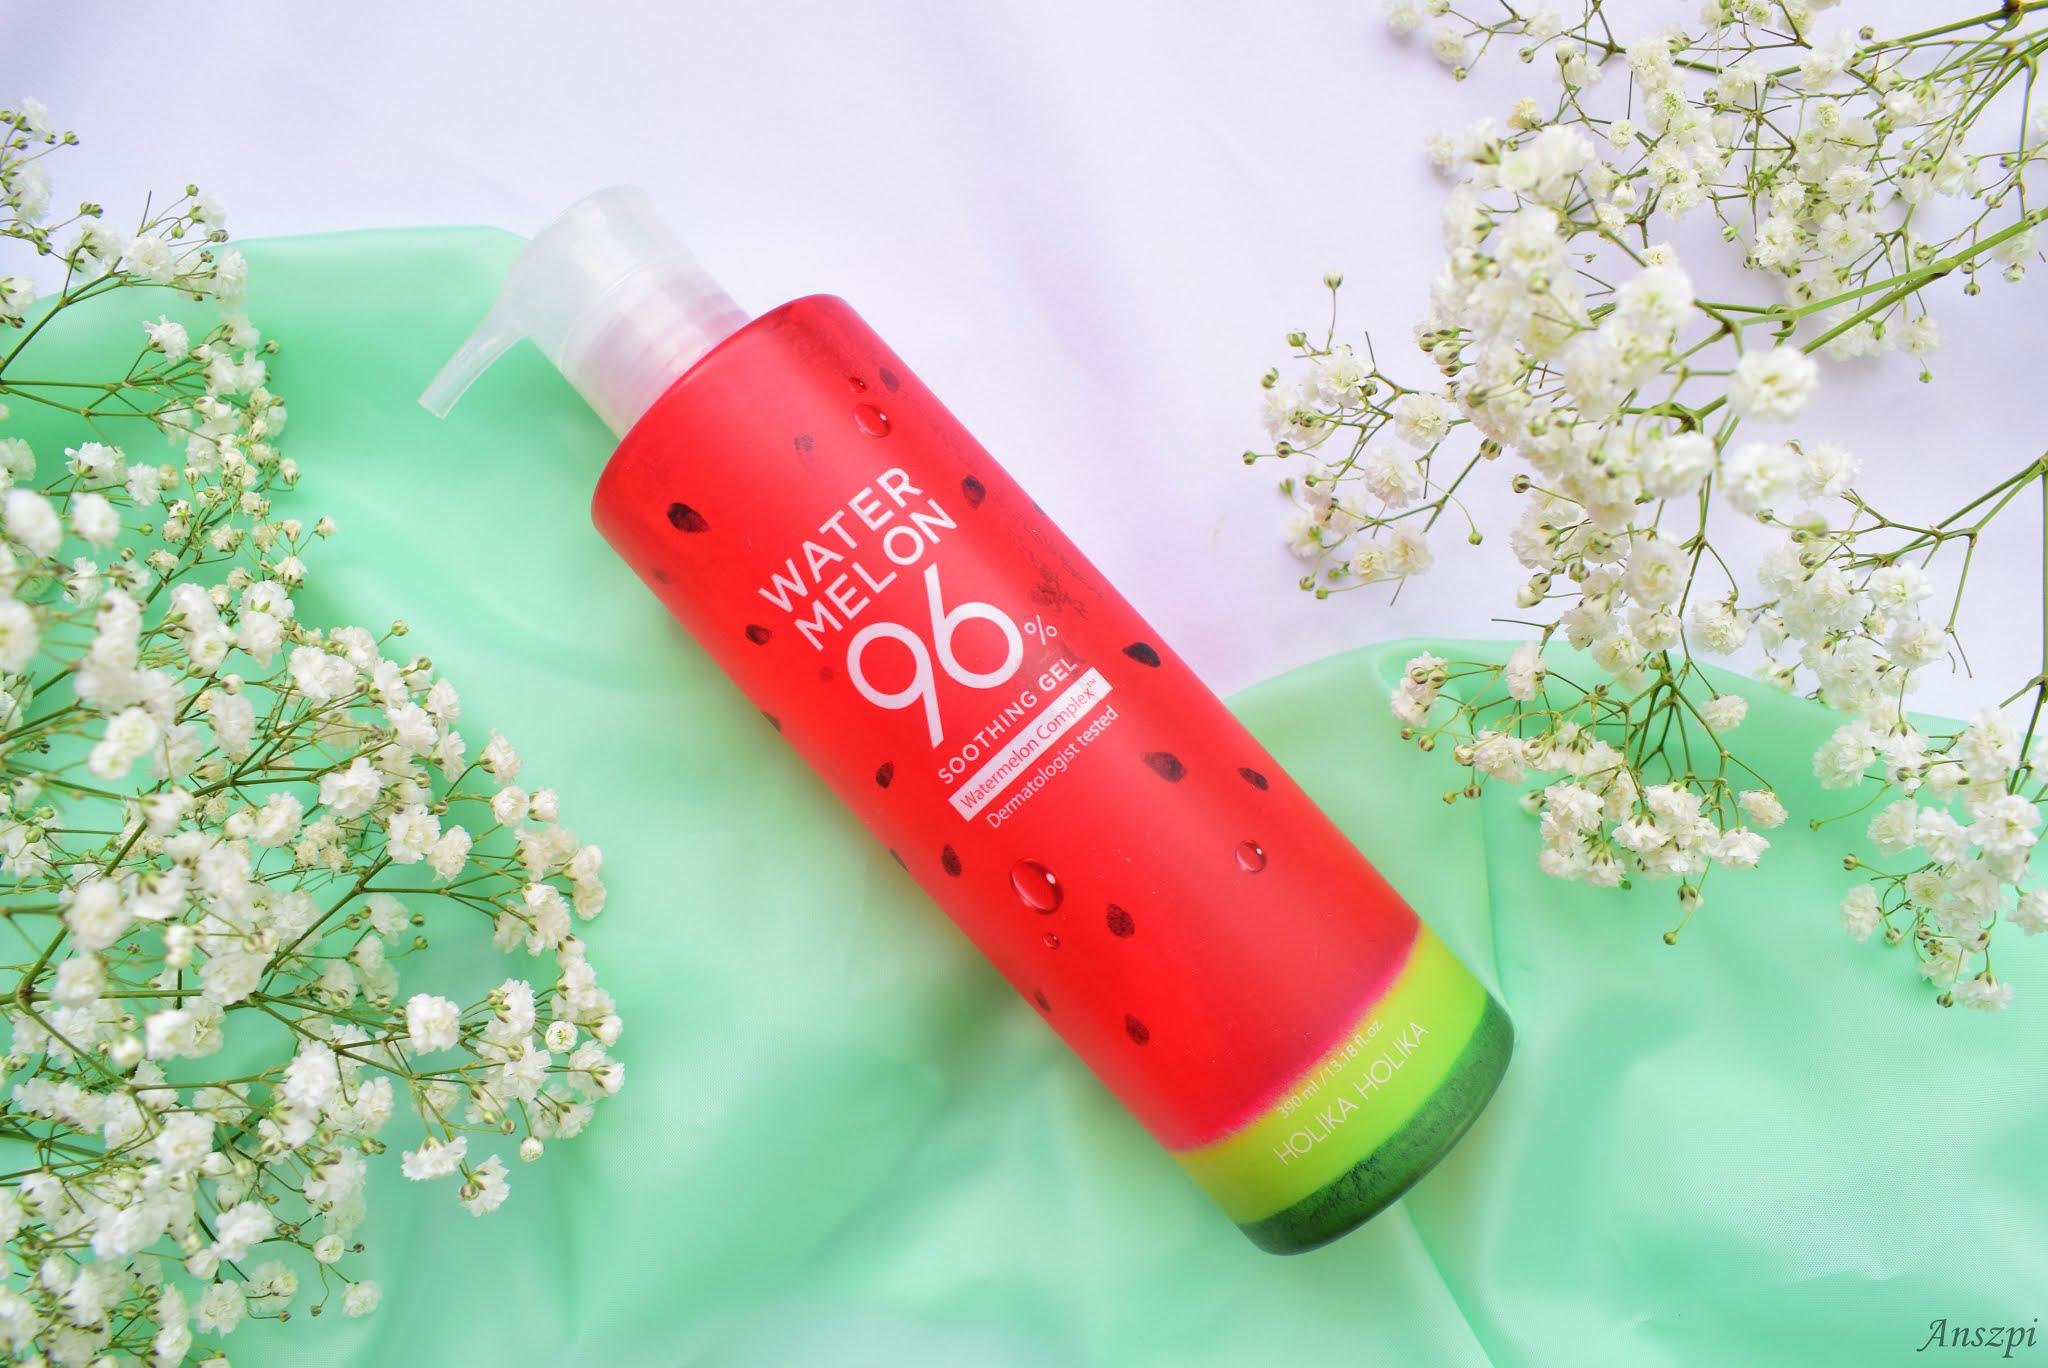 Łagodzący żel do intensywnego nawodnienia i odświeżenia skóry Watermelon Soothing Gel